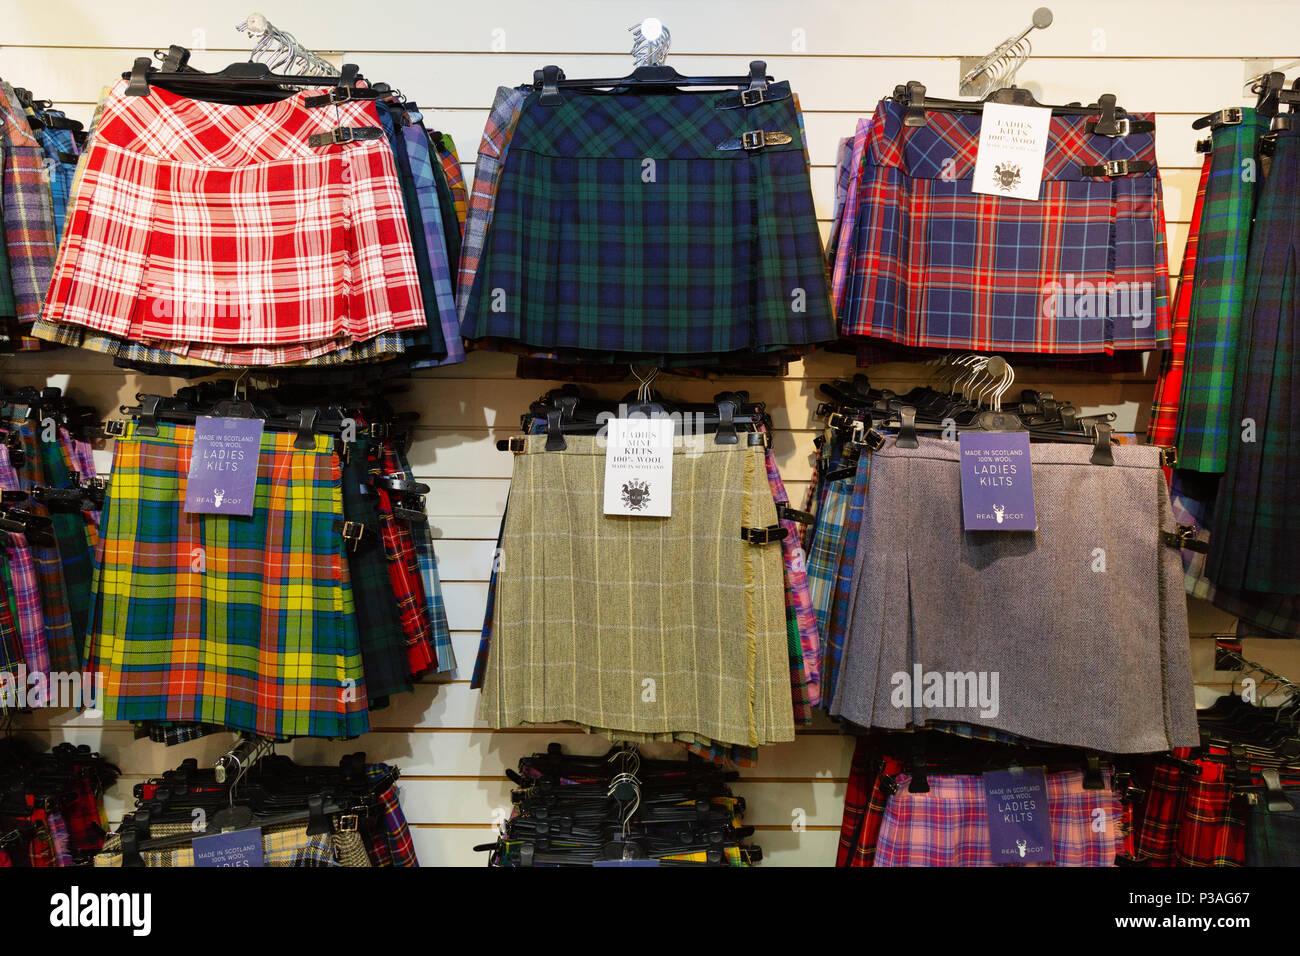 Tartan falda faldas para las mujeres a la venta en la tienda una falda, Edimburgo, Escocia, Reino Unido Imagen De Stock